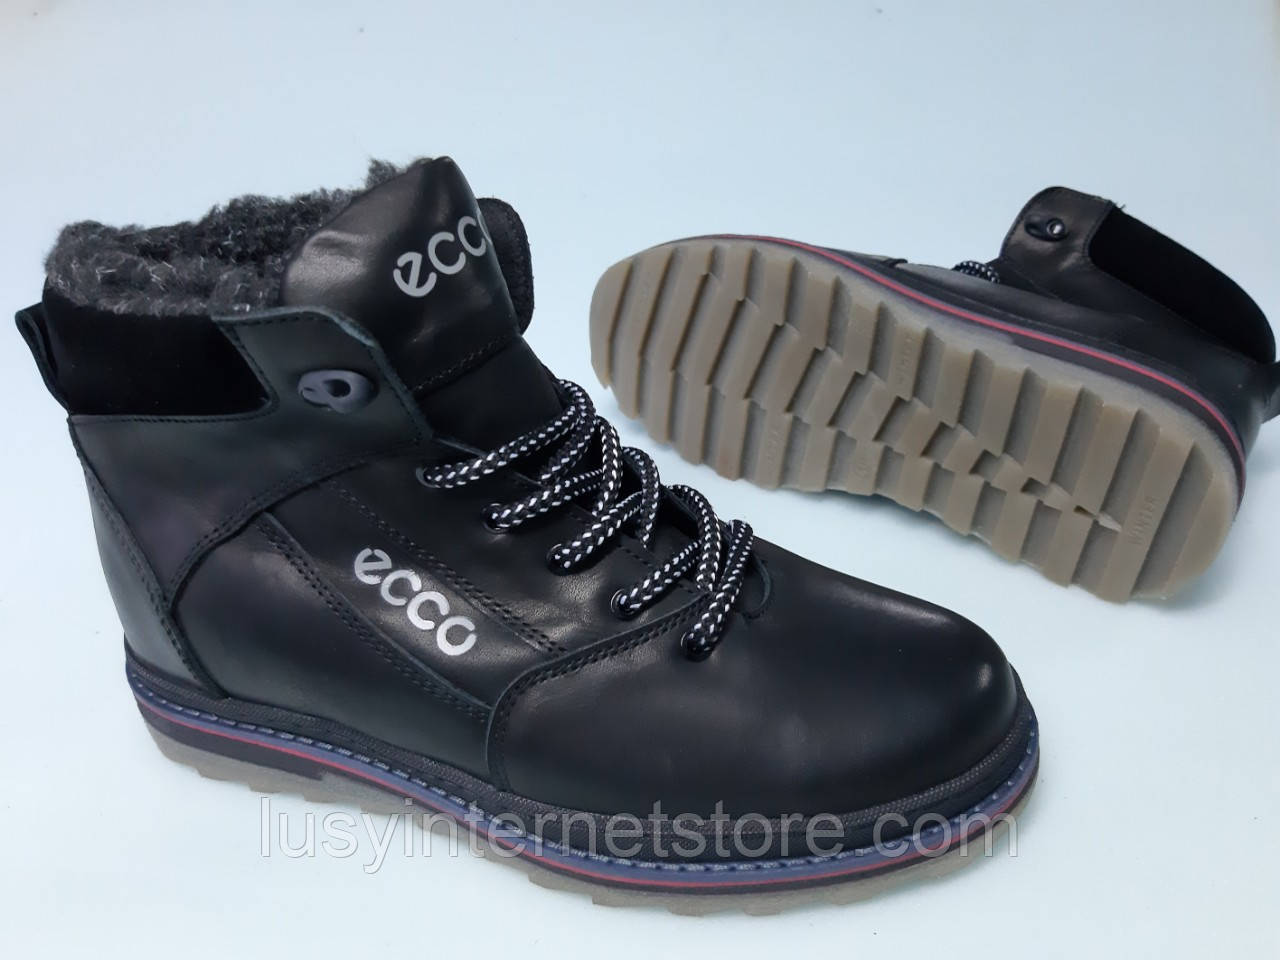 Ботинки зимние мужские кожаные на шнурках от производителя модель ДИБИ18